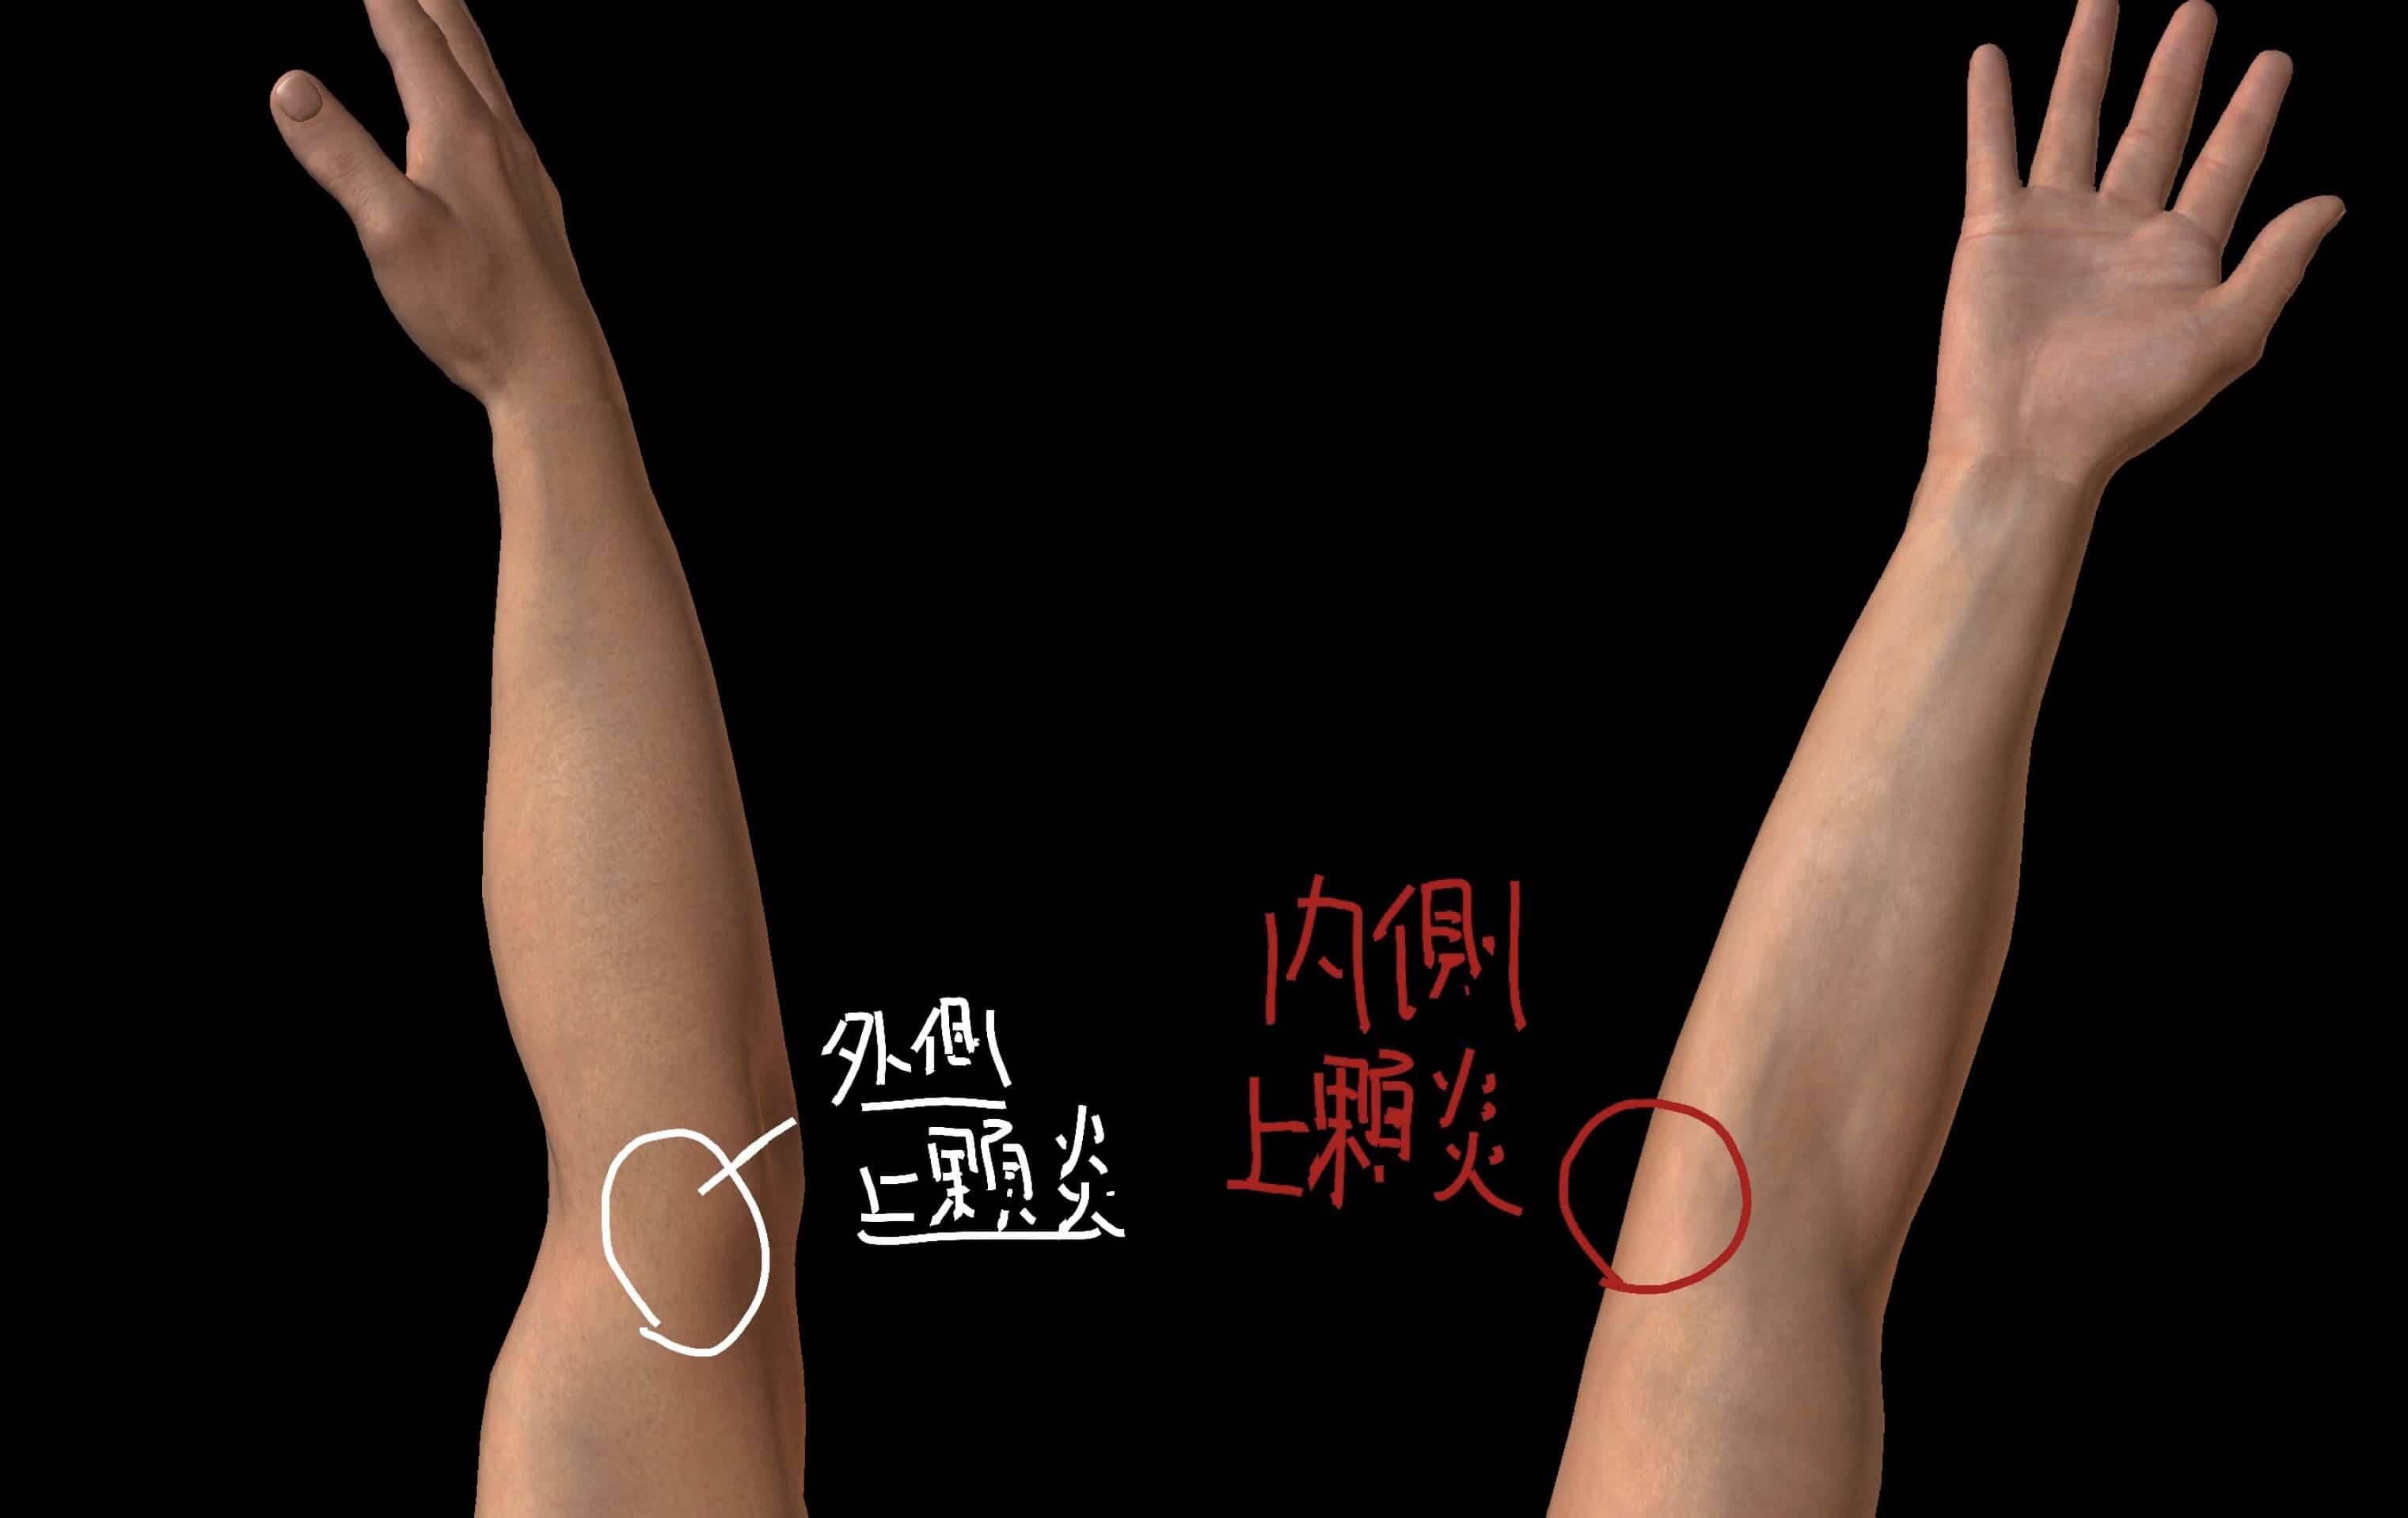 上腕骨外側上顆炎・上腕骨内側上顆炎で痛む位置の図